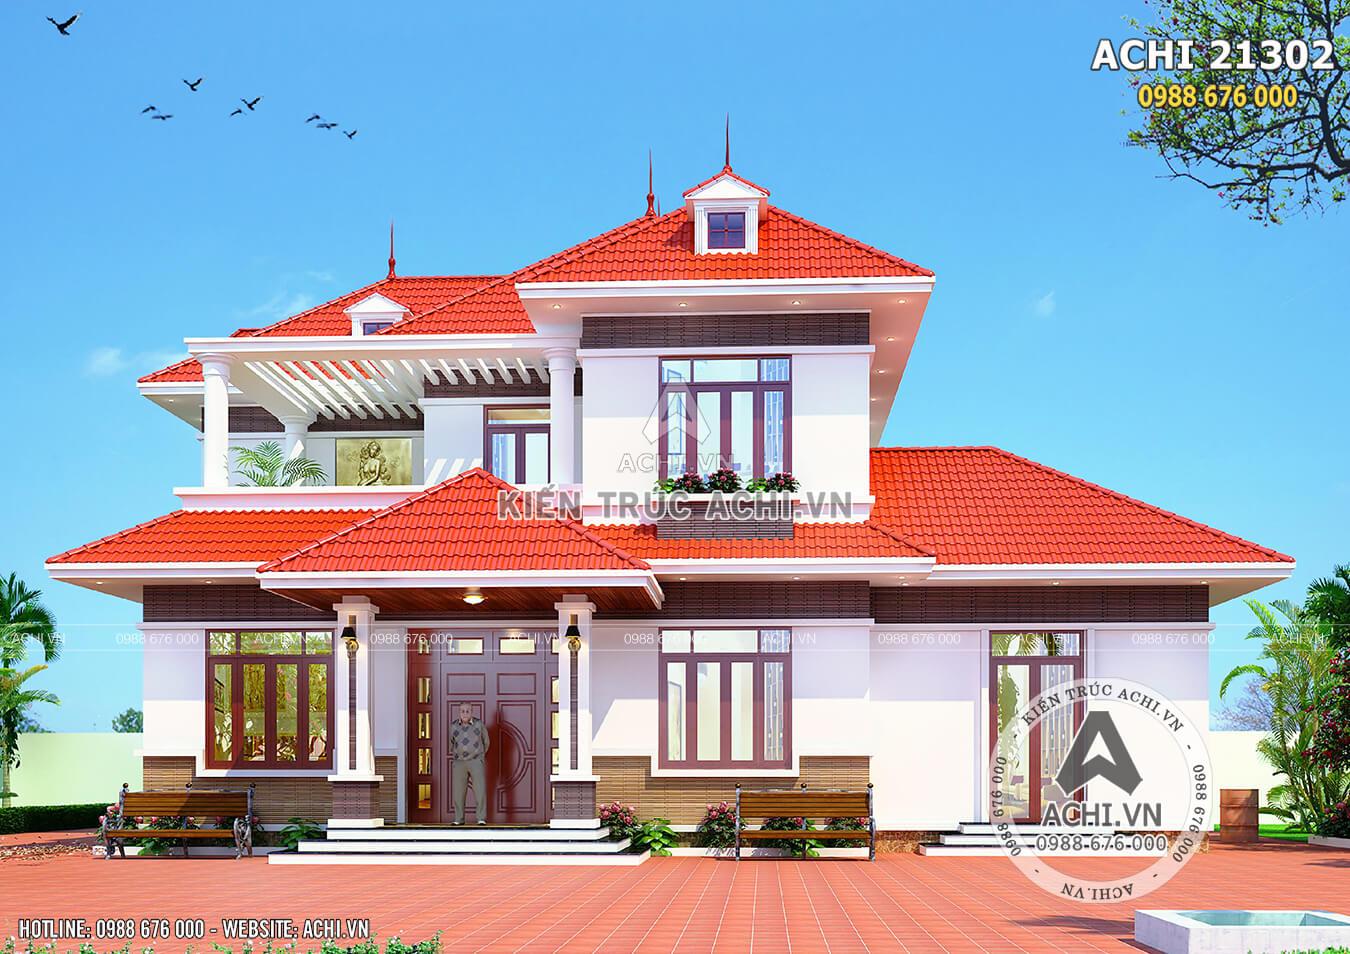 Mặt tiền biệt thự 2 tầng mái thái đỏ tại Bắc Giang